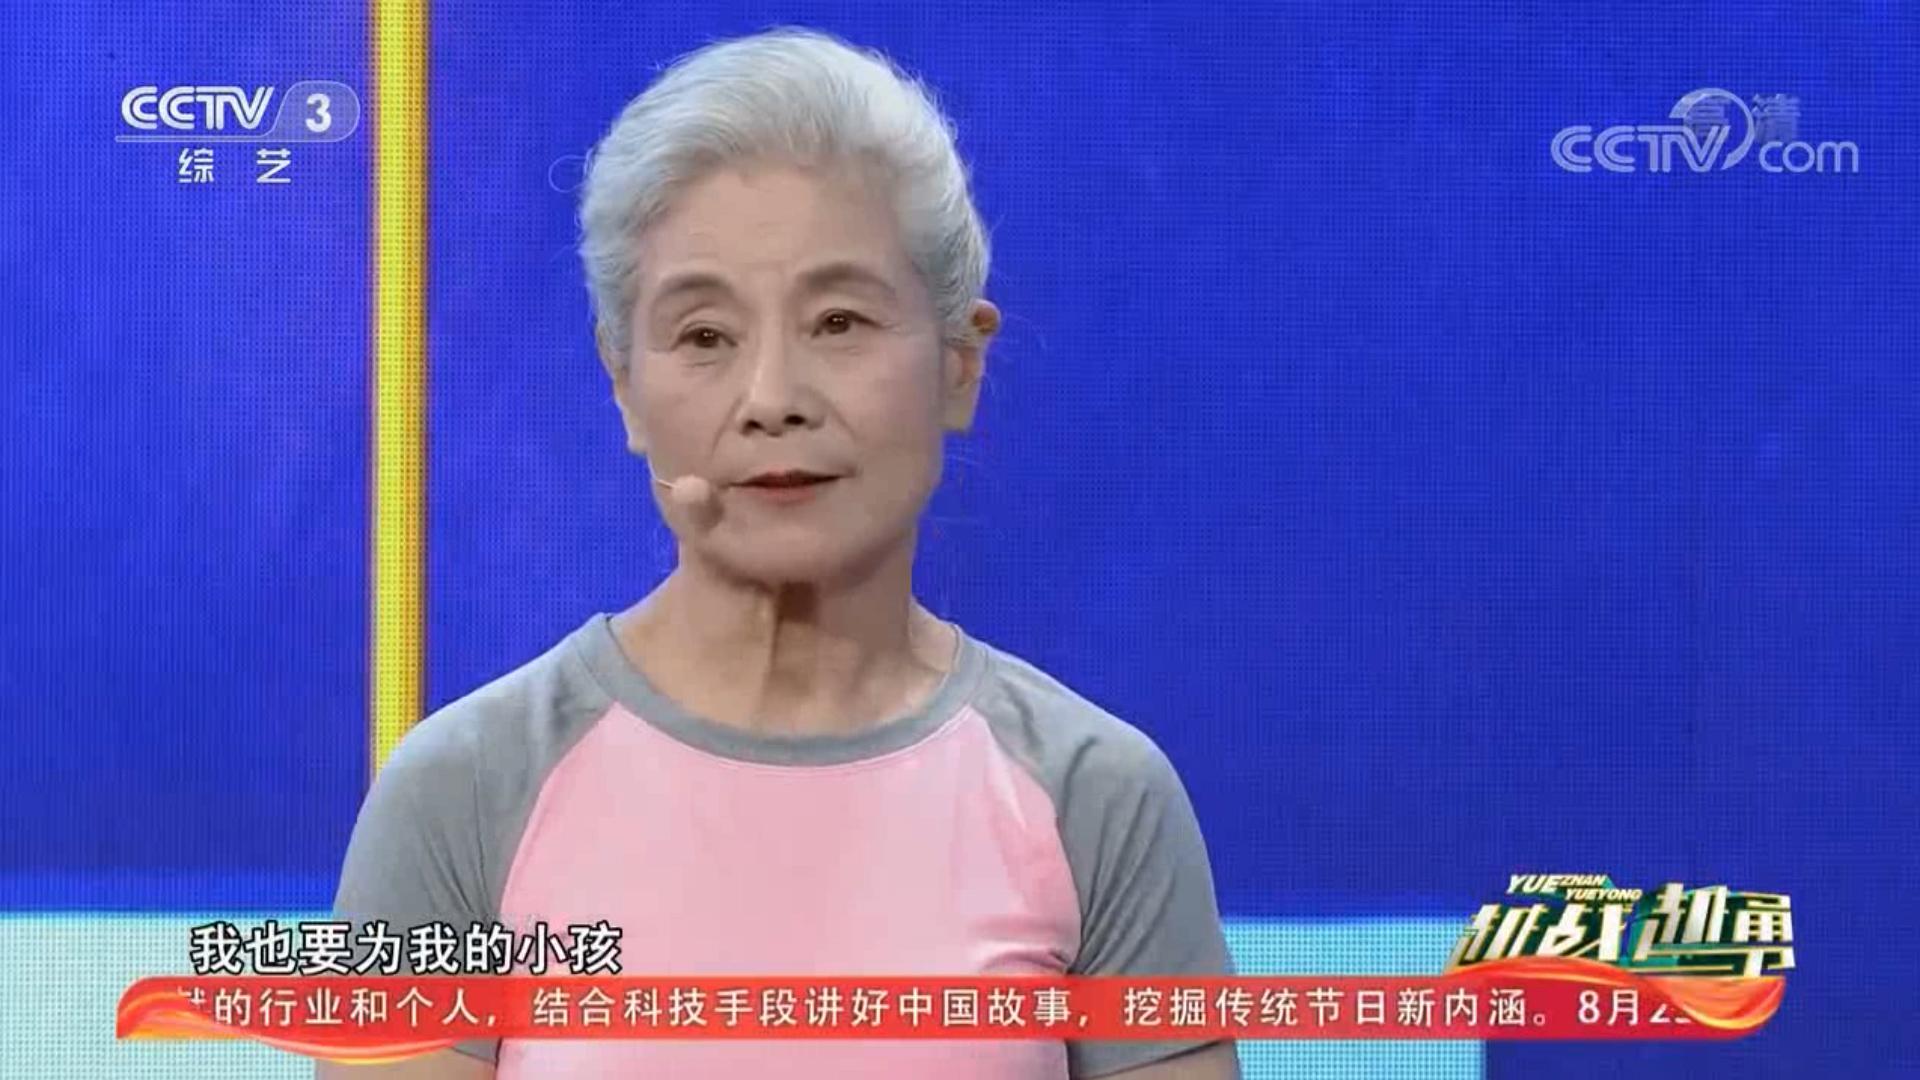 越战越勇:70岁奶奶如今虽满面笑容,曾经却因病卧床20年无法自理